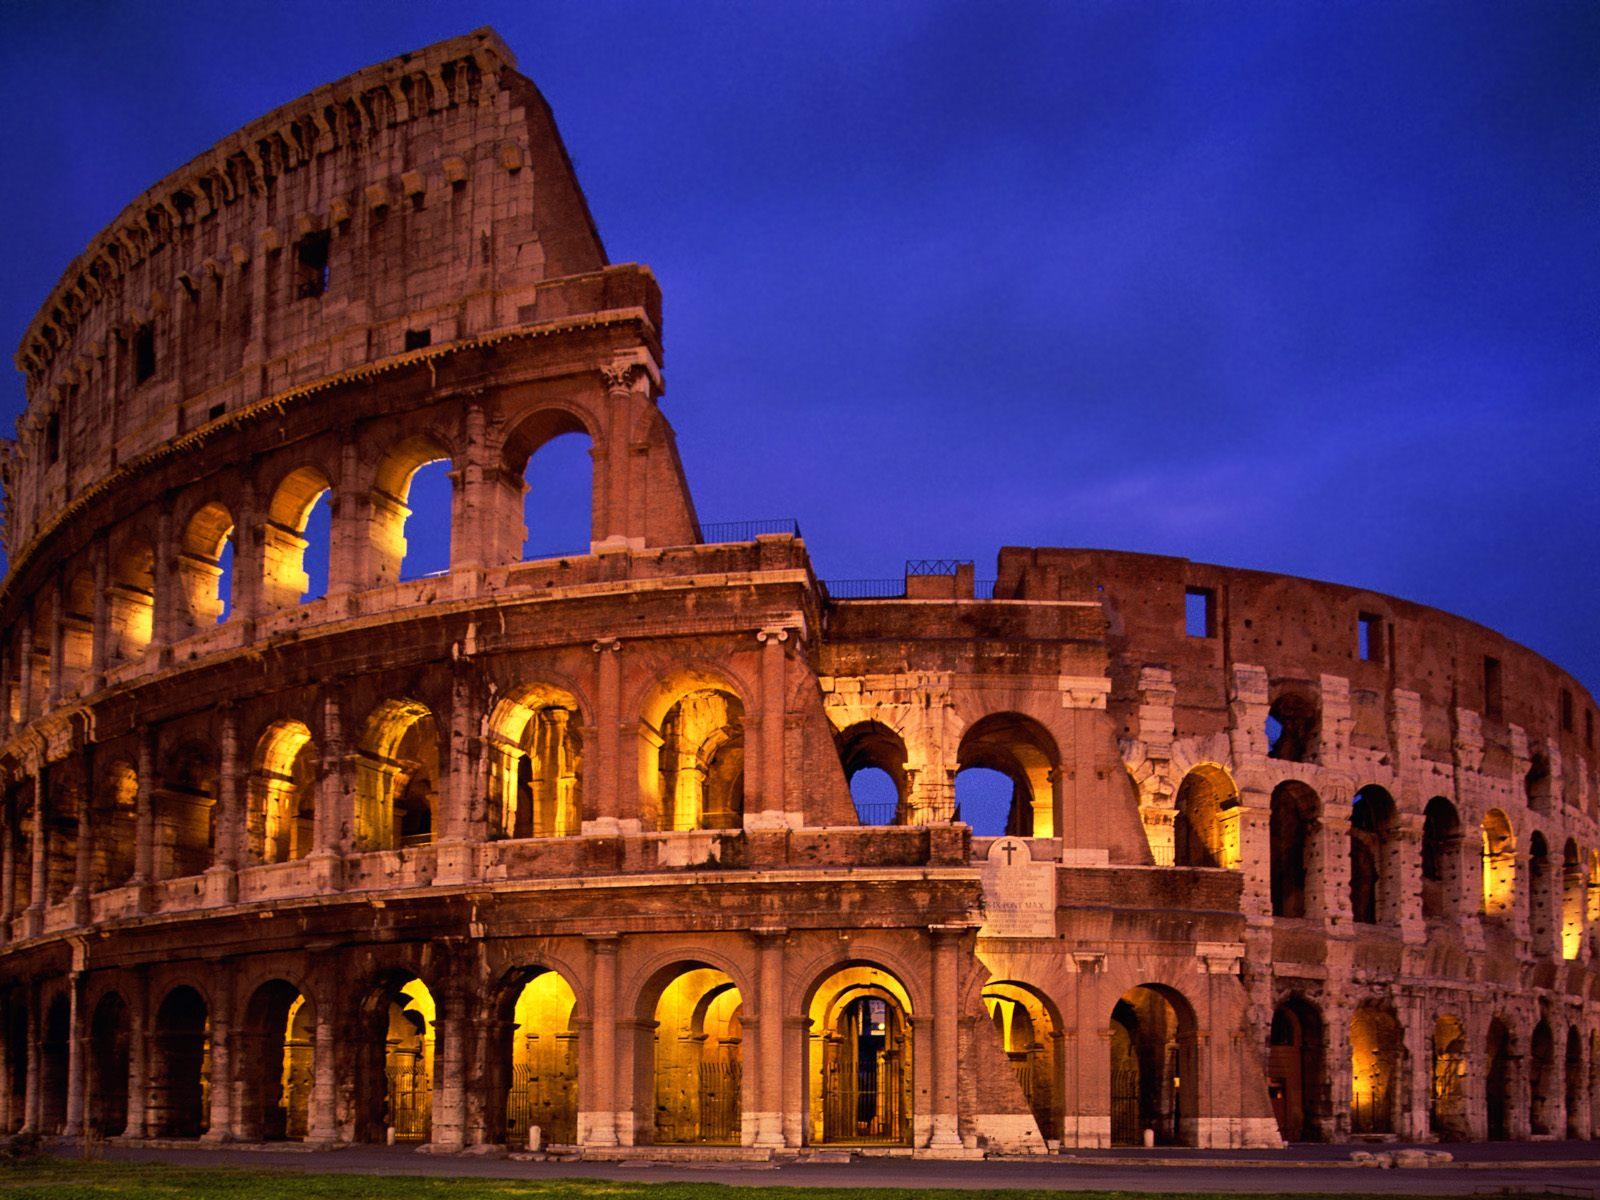 http://2.bp.blogspot.com/__Tqv0Plr854/TOc8wiJs1uI/AAAAAAAAAg0/-E53GiS-oIE/s1600/Colosseum.jpg